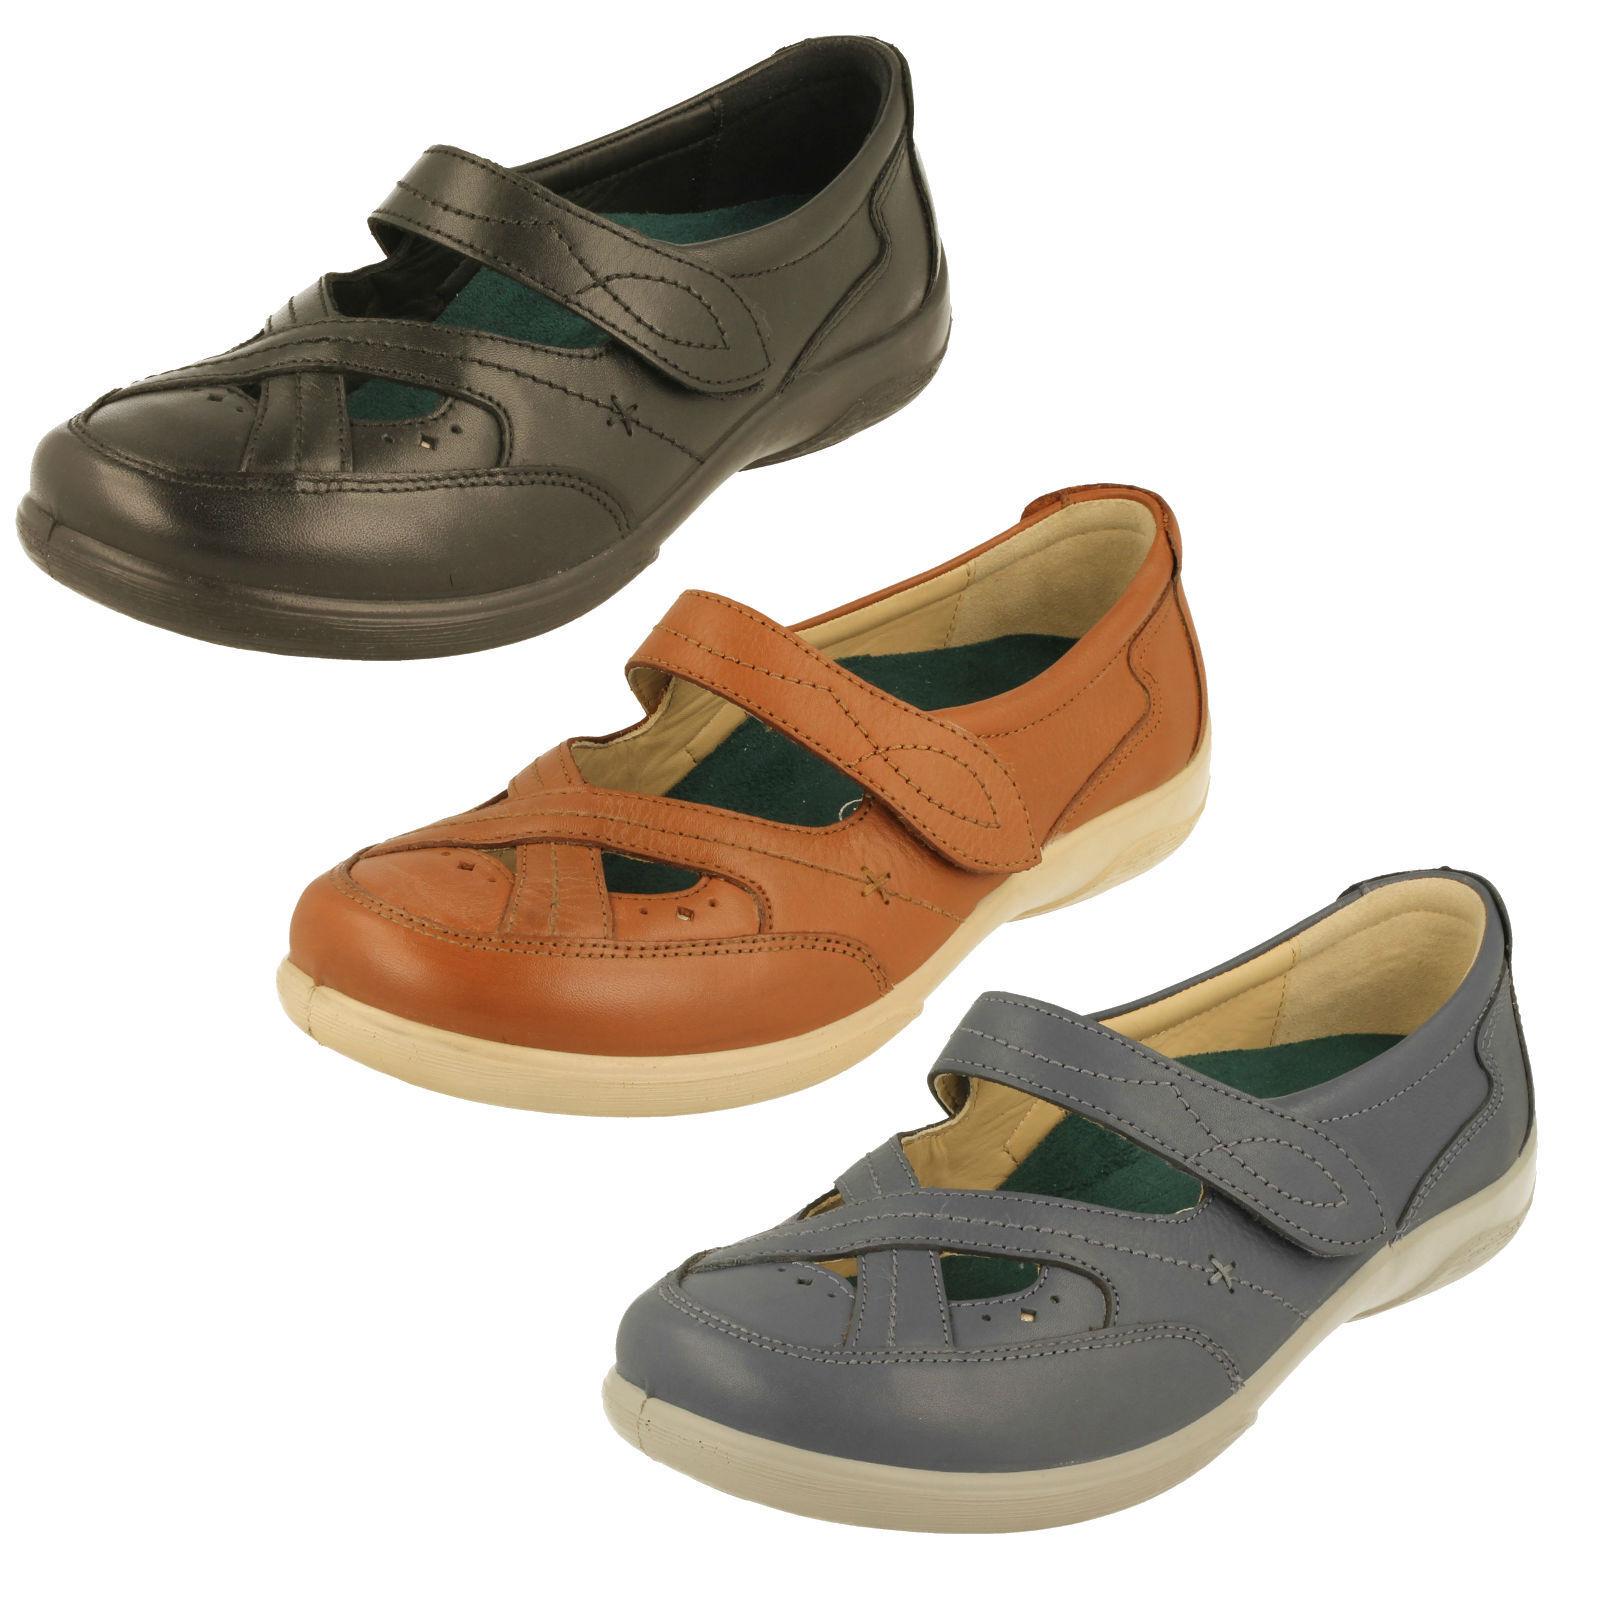 Casual salvaje Zapatos de verano señoras Padders-Chelo